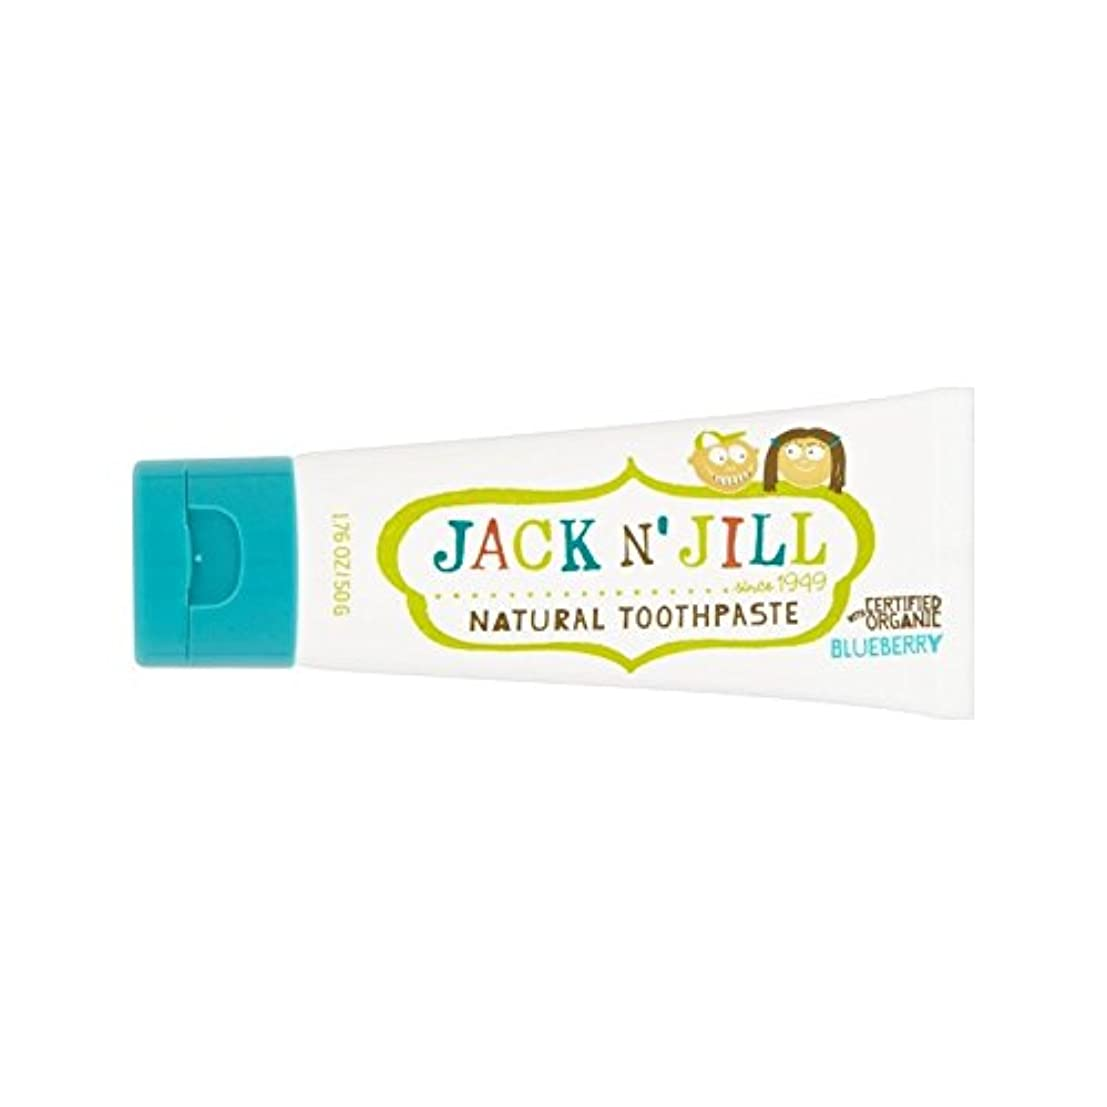 世界記録のギネスブック礼儀する必要がある有機香味50グラムとの自然なブルーベリー歯磨き粉 (Jack N Jill) - Jack N' Jill Blueberry Toothpaste Natural with Organic Flavouring 50g [並行輸入品]